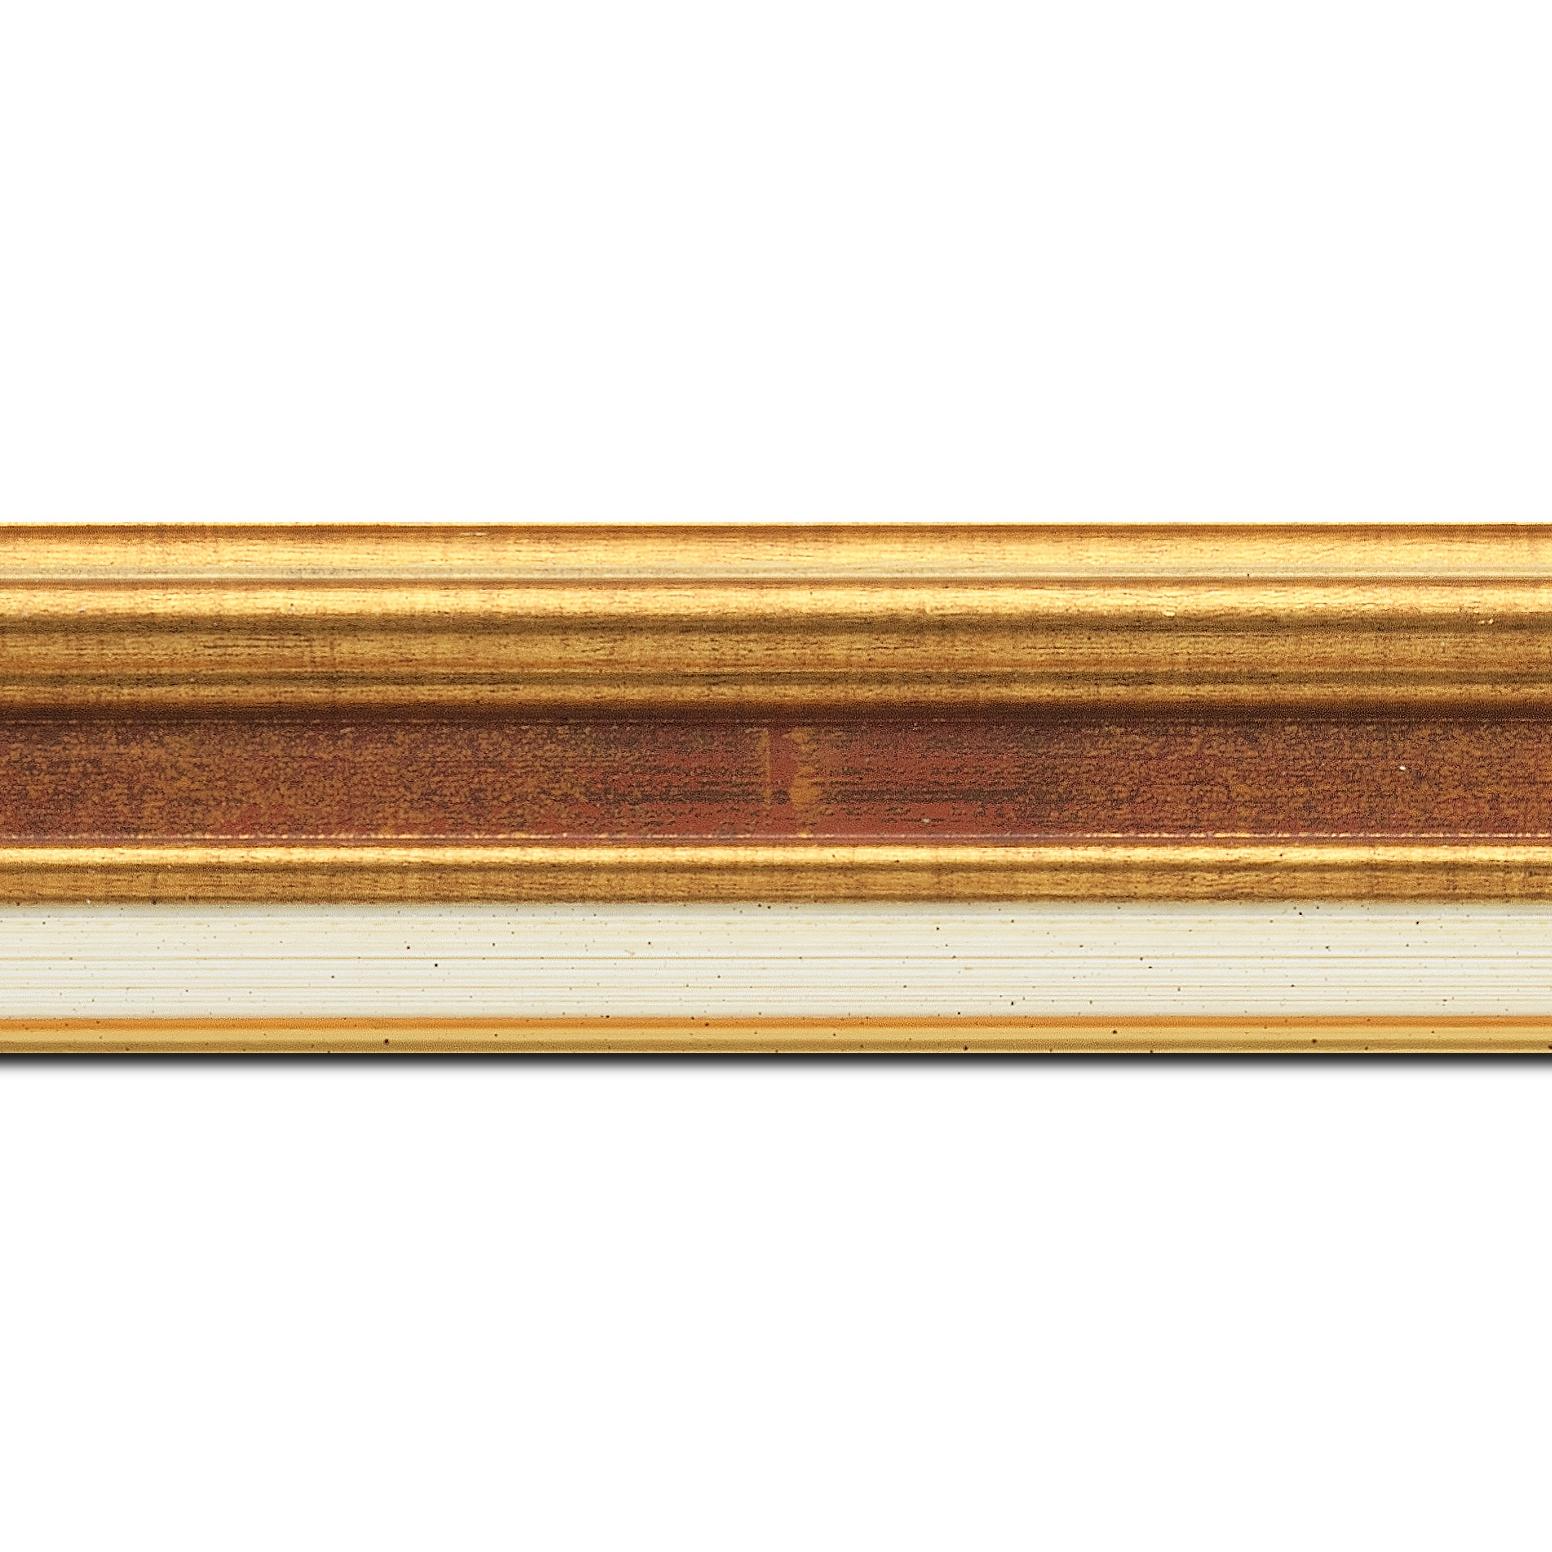 Pack par 12m, bois largeur 5.2cm or gorge bordeaux fond or marie louise crème filet or intégrée(longueur baguette pouvant varier entre 2.40m et 3m selon arrivage des bois)